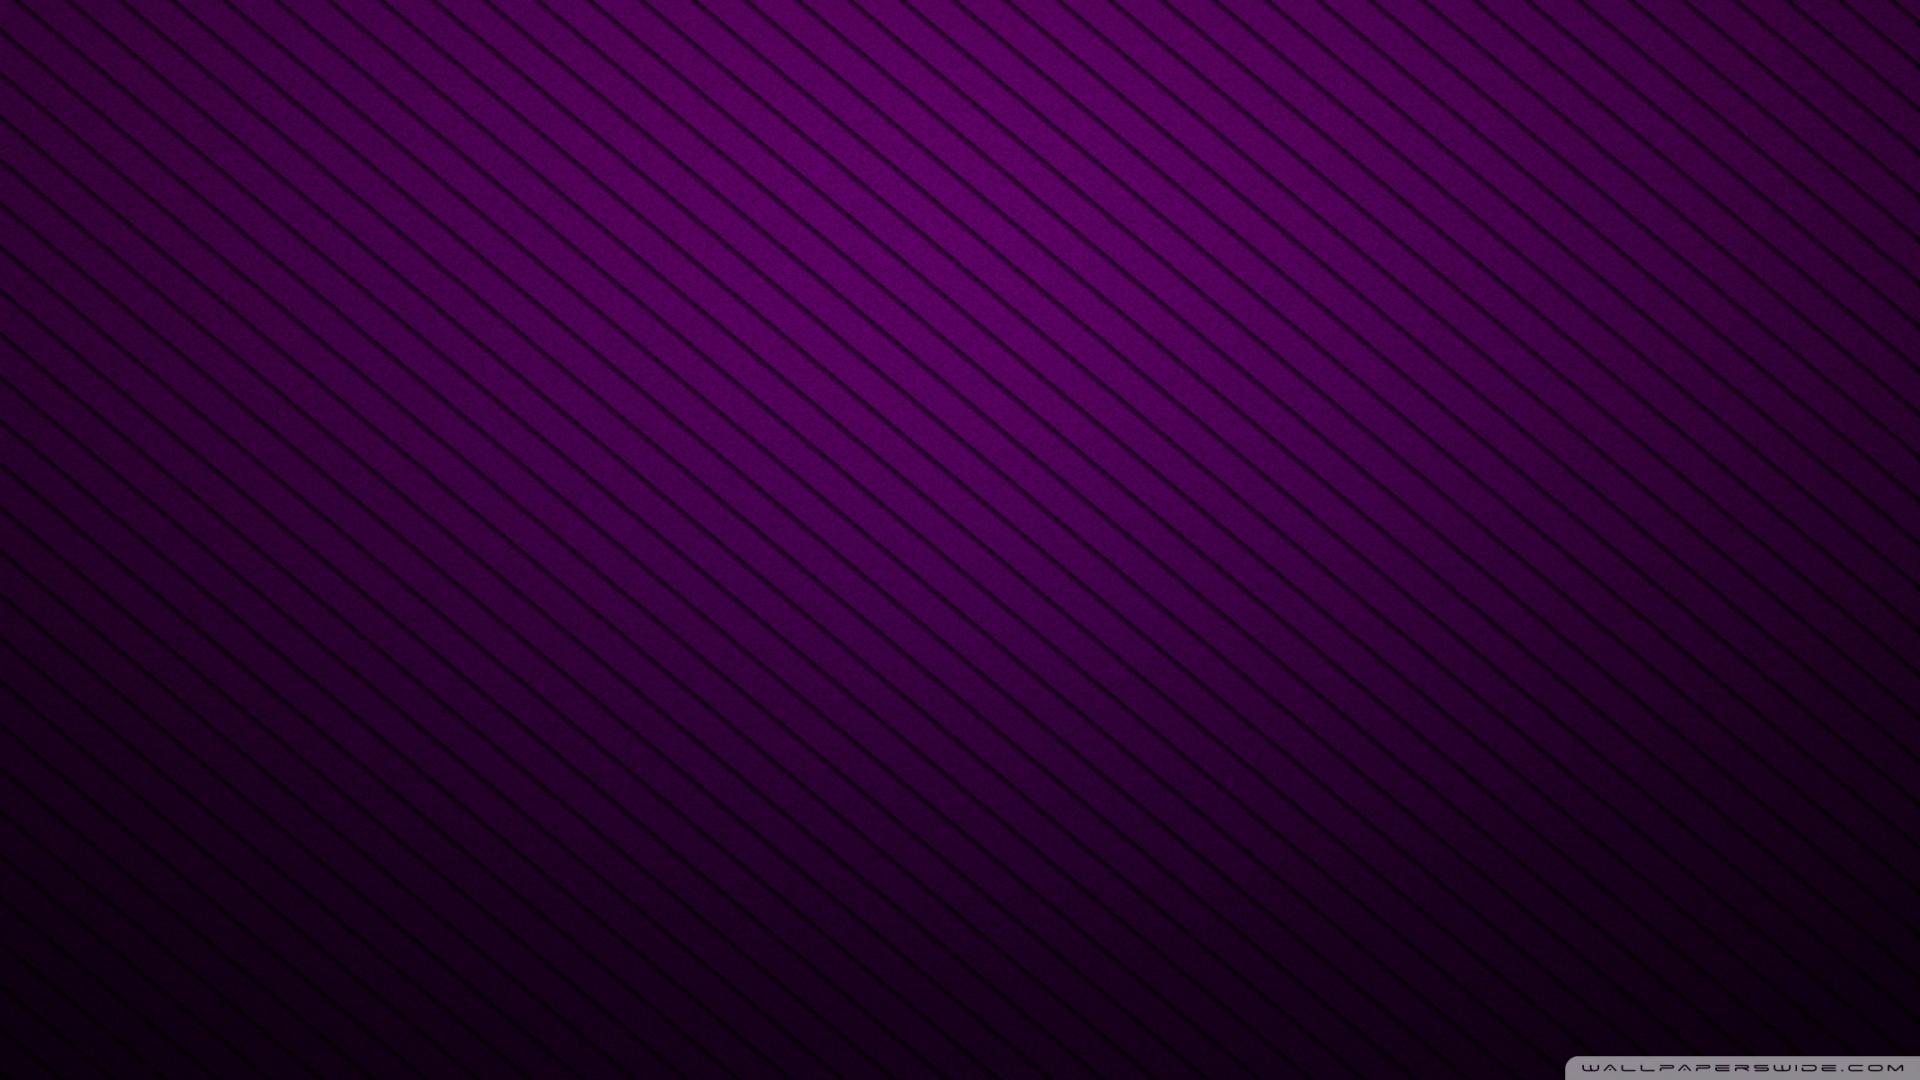 Dark Purple wallpaper   905990 1920x1080